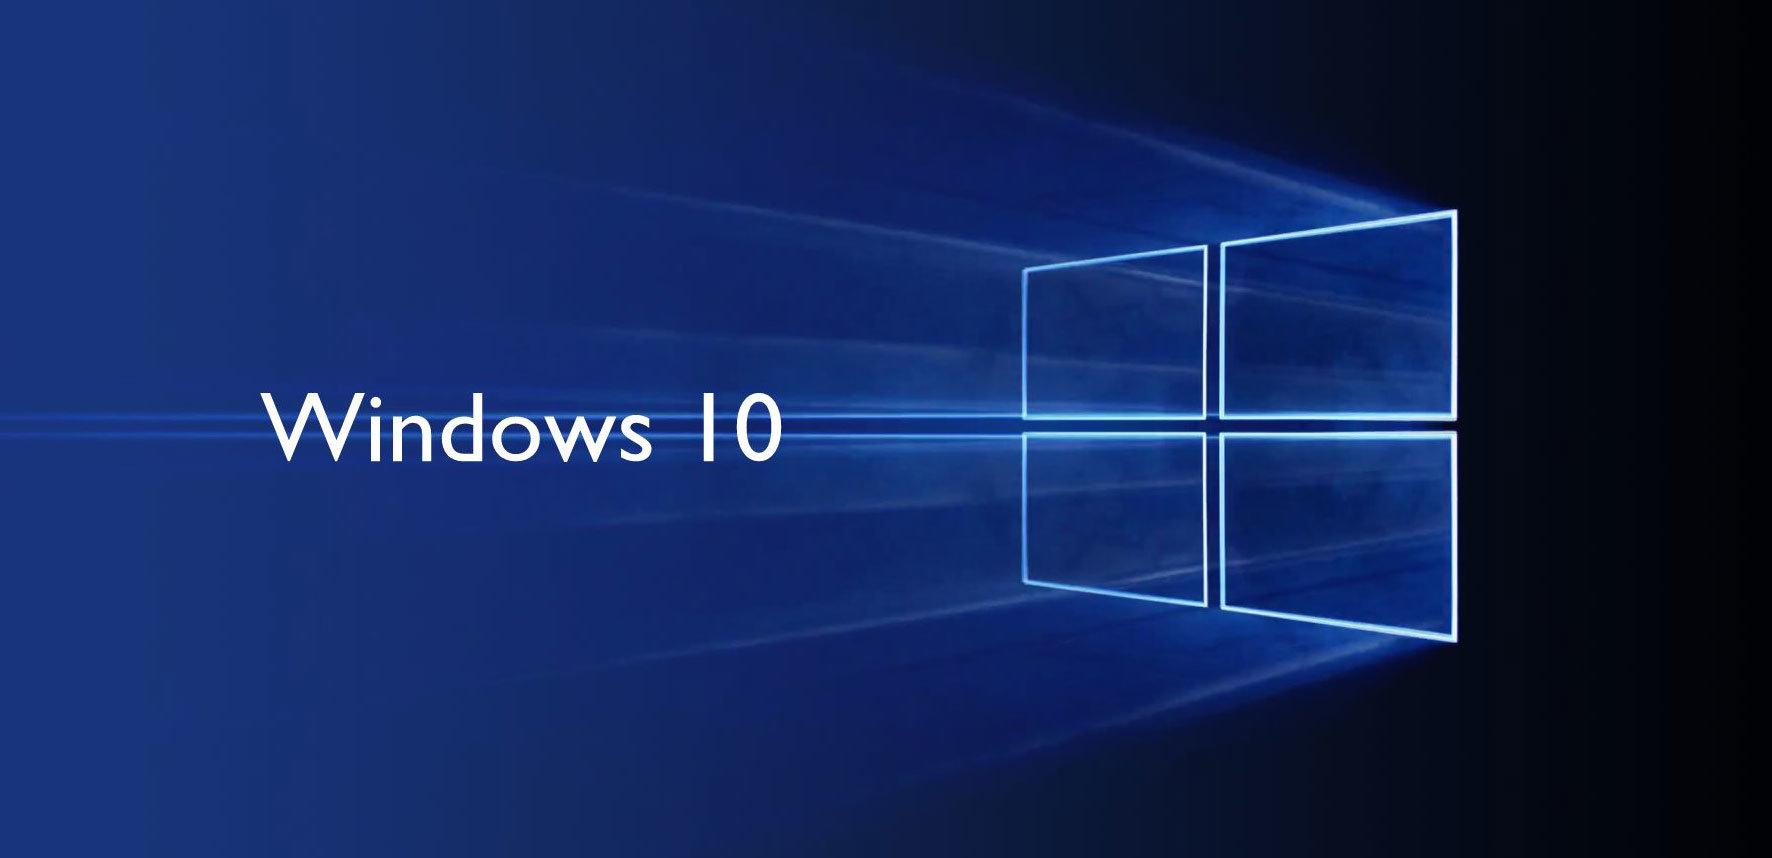 鈴木淳也の「Windowsフロントライン」:2019年、Microsoftが飛躍するために取り組むべきこと (1/3)